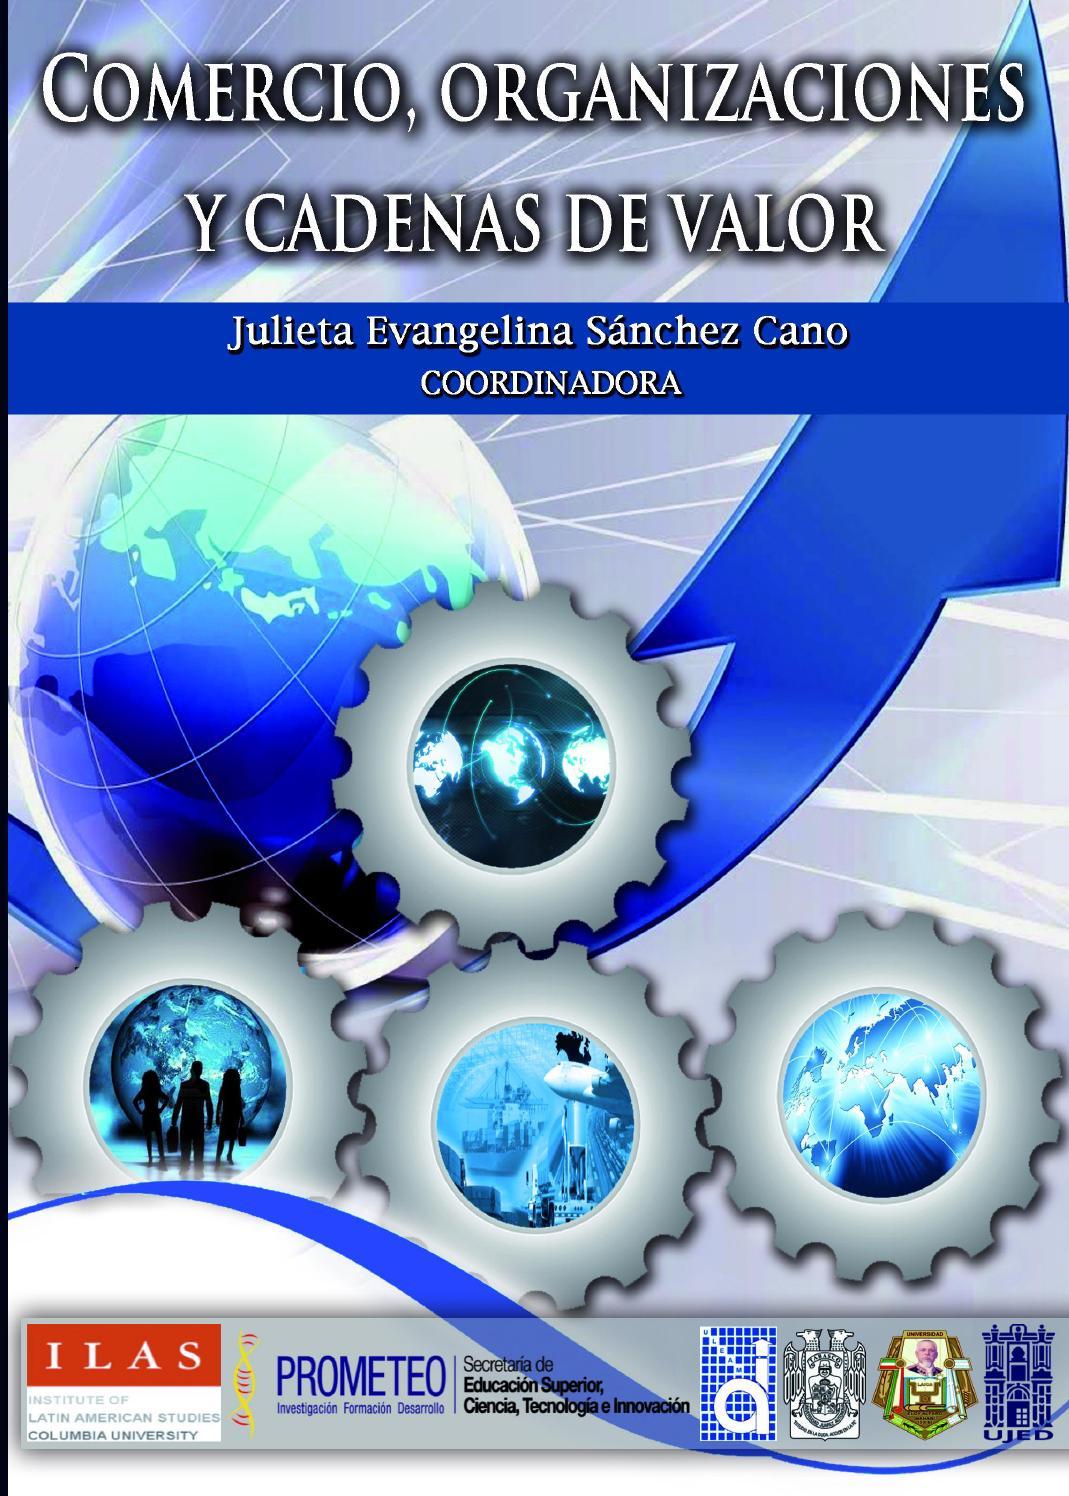 Cadenas De Carlos Valor Organizaciones Libro Martinez Y Comercio By 0PwnOk